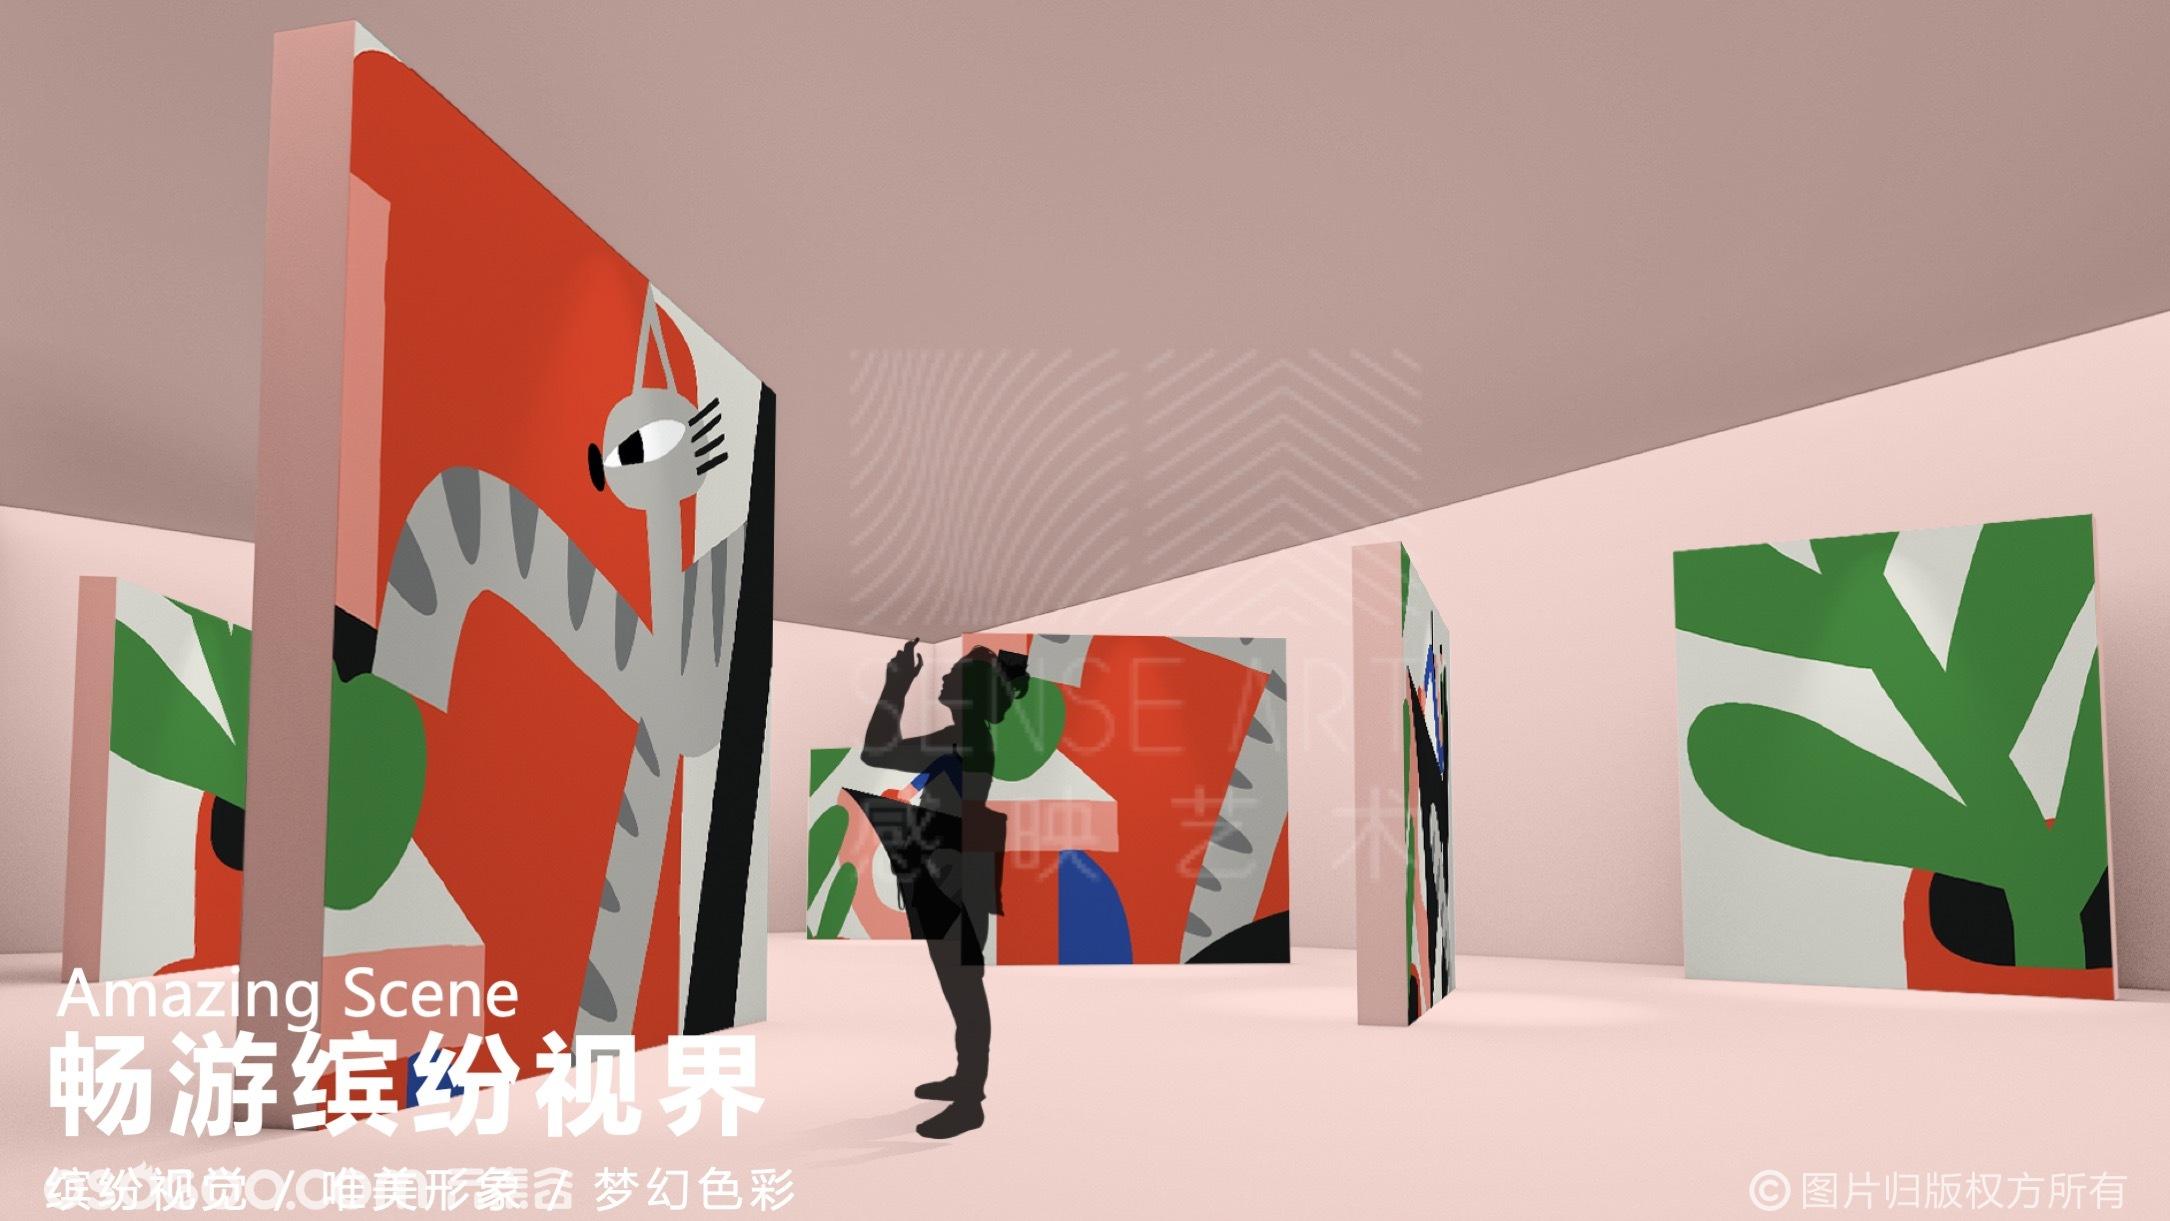 【疗愈心灵花园】乌克兰艺术家主题IP沉浸式体验展